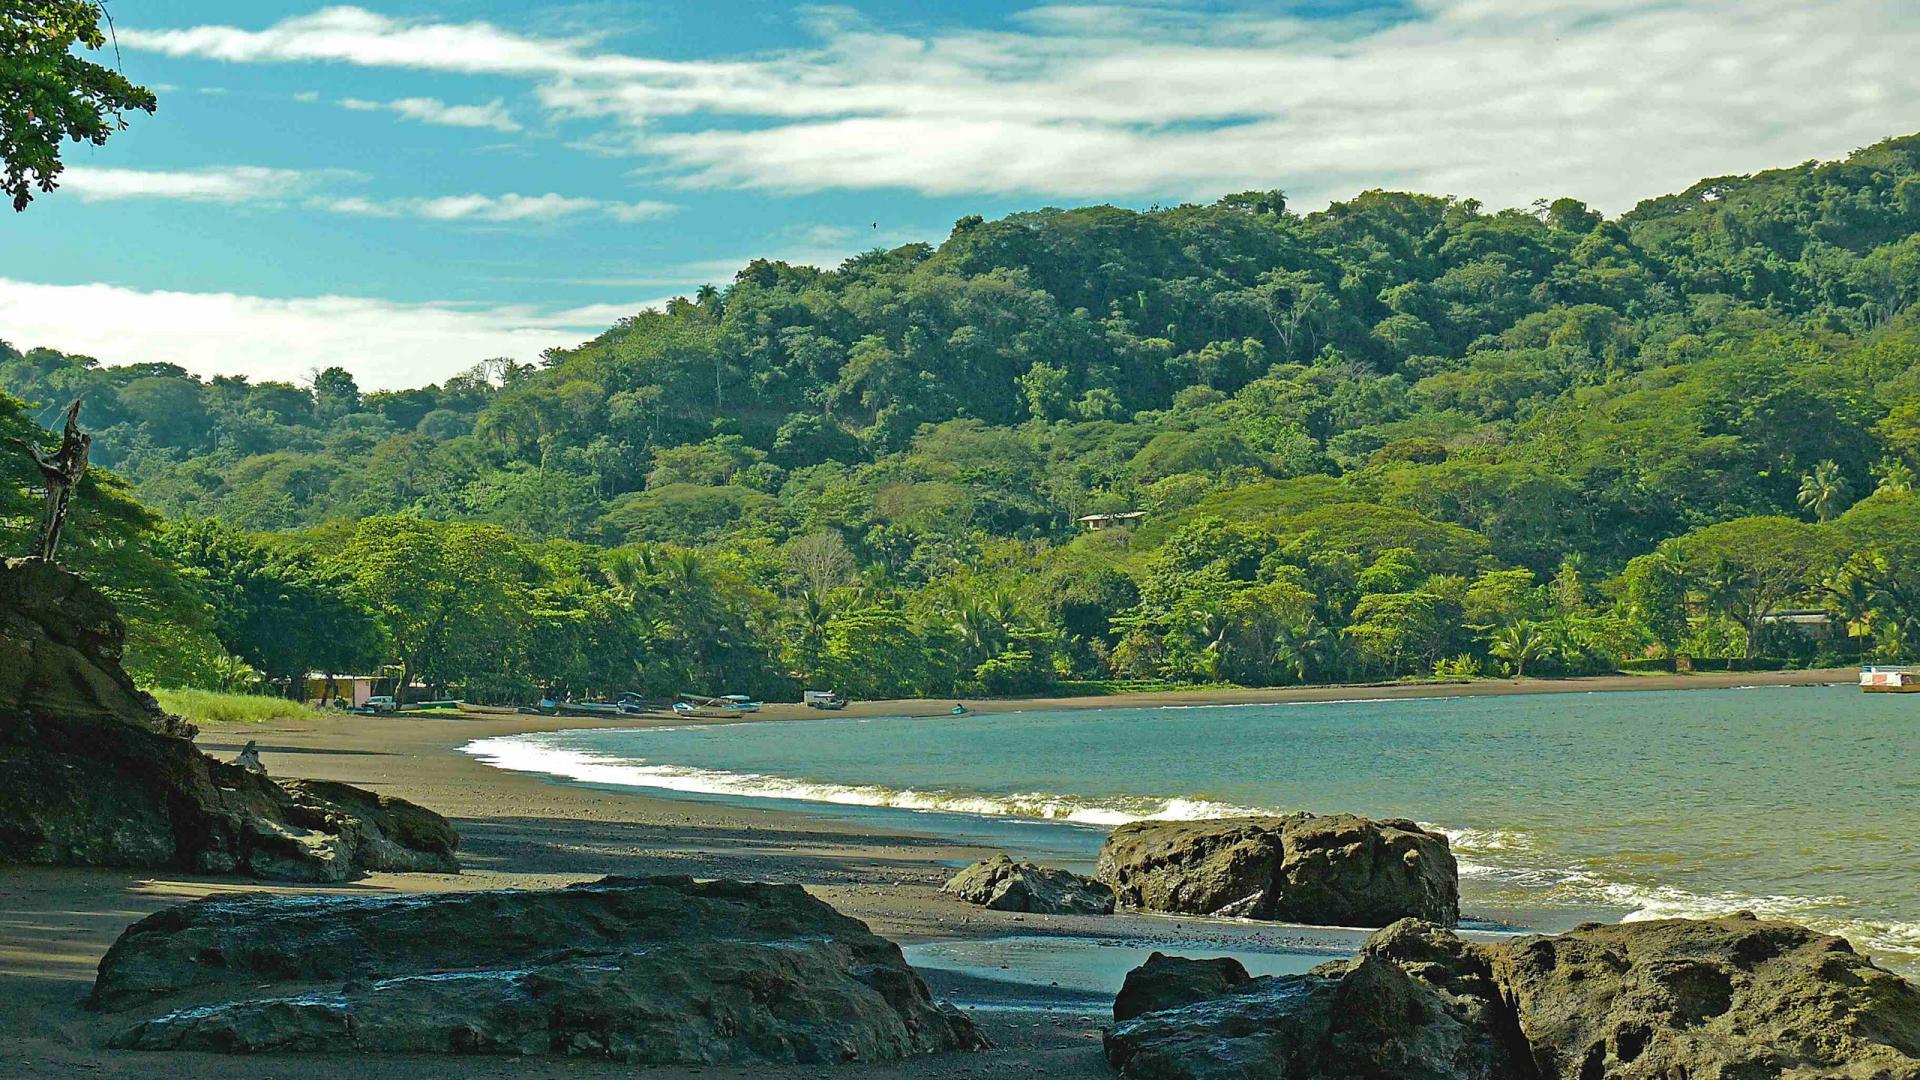 Fall Season Desktop Wallpaper Costa Rica Wallpapers Hd Pixelstalk Net